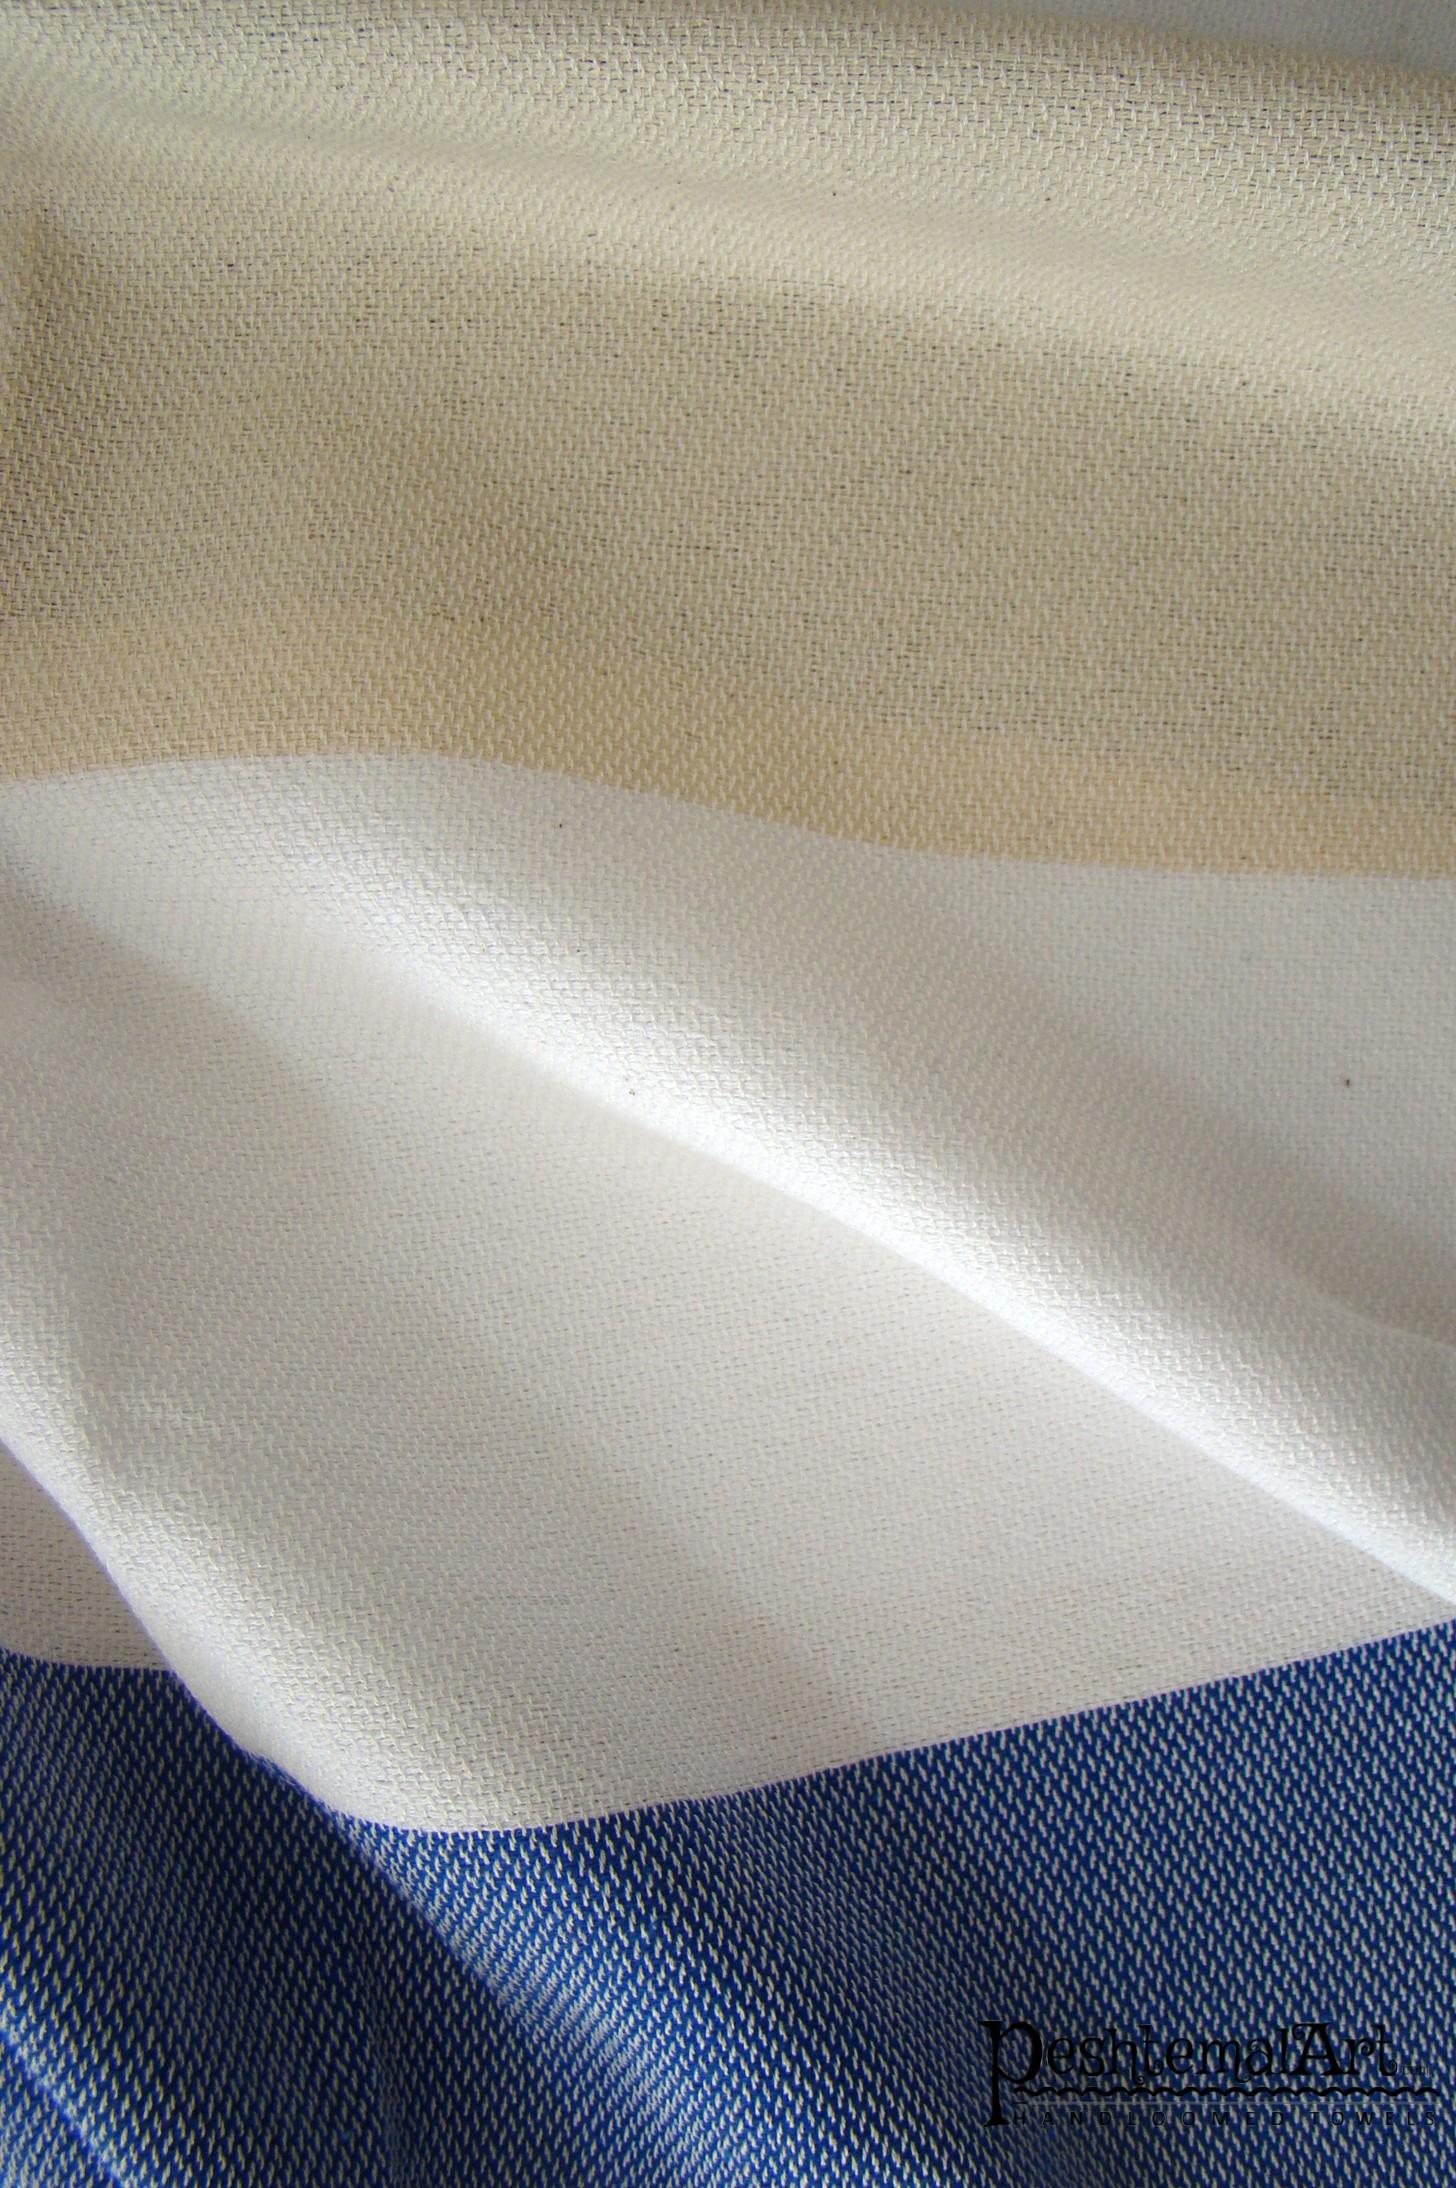 Metropol Beach Towel - Brown, Beige, Blue